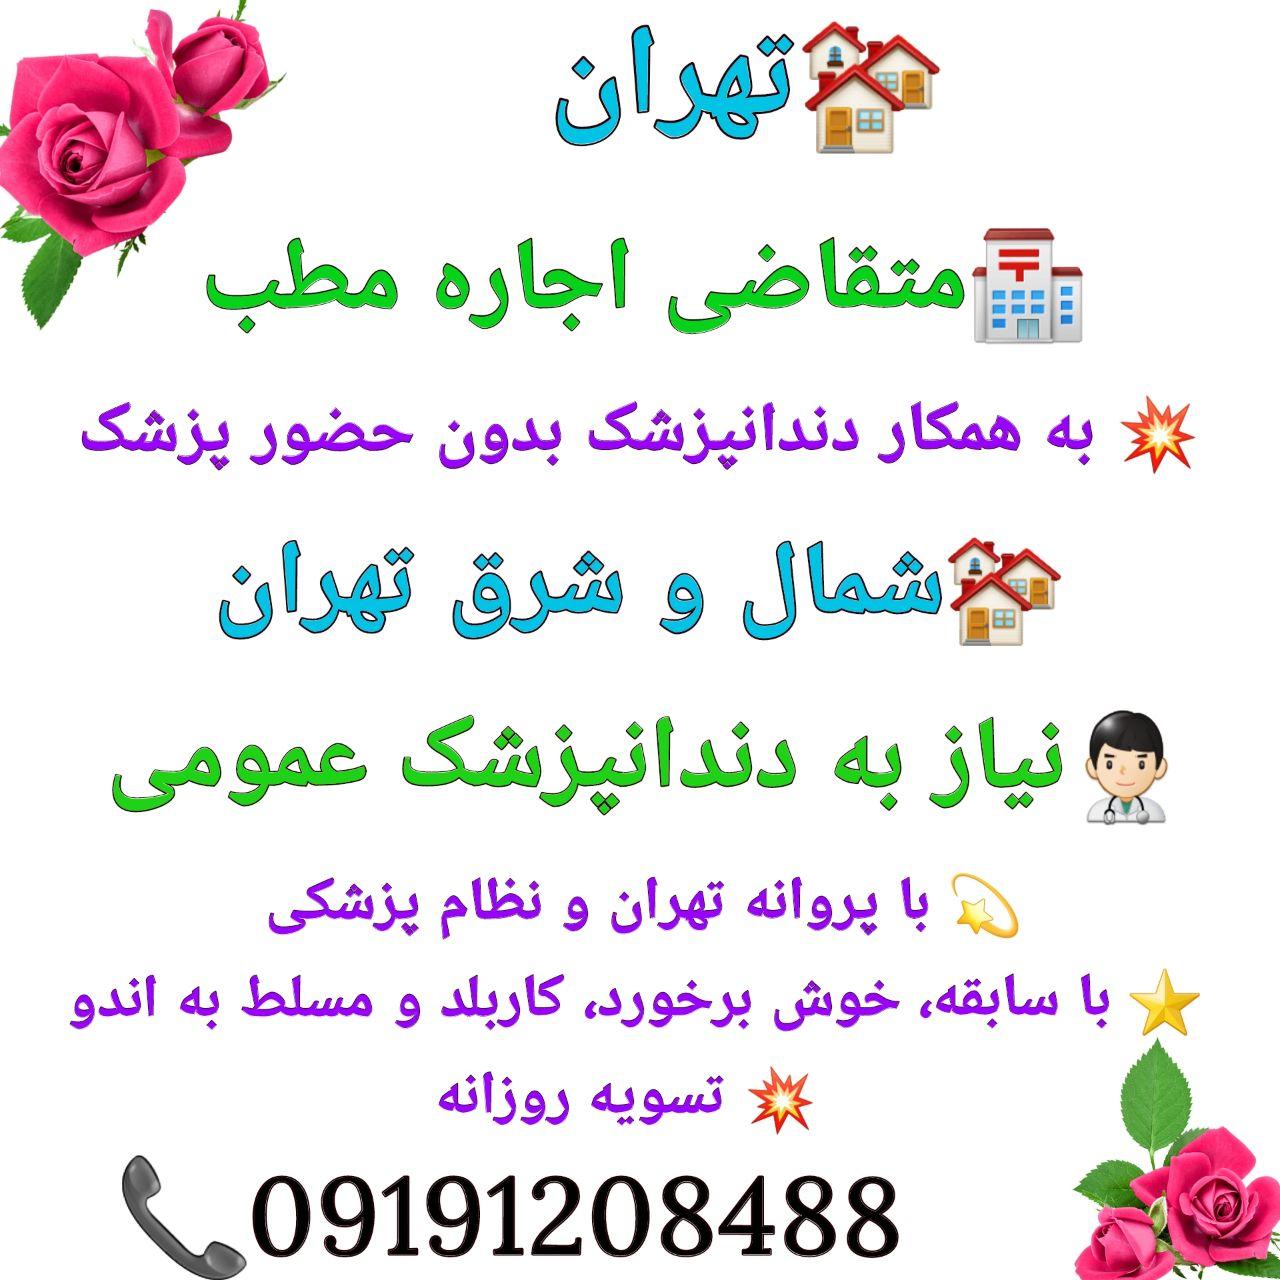 تهران: متقاضی اجاره مطب، و شمال و شرق تهران: نیاز به دندانپزشک عمومی